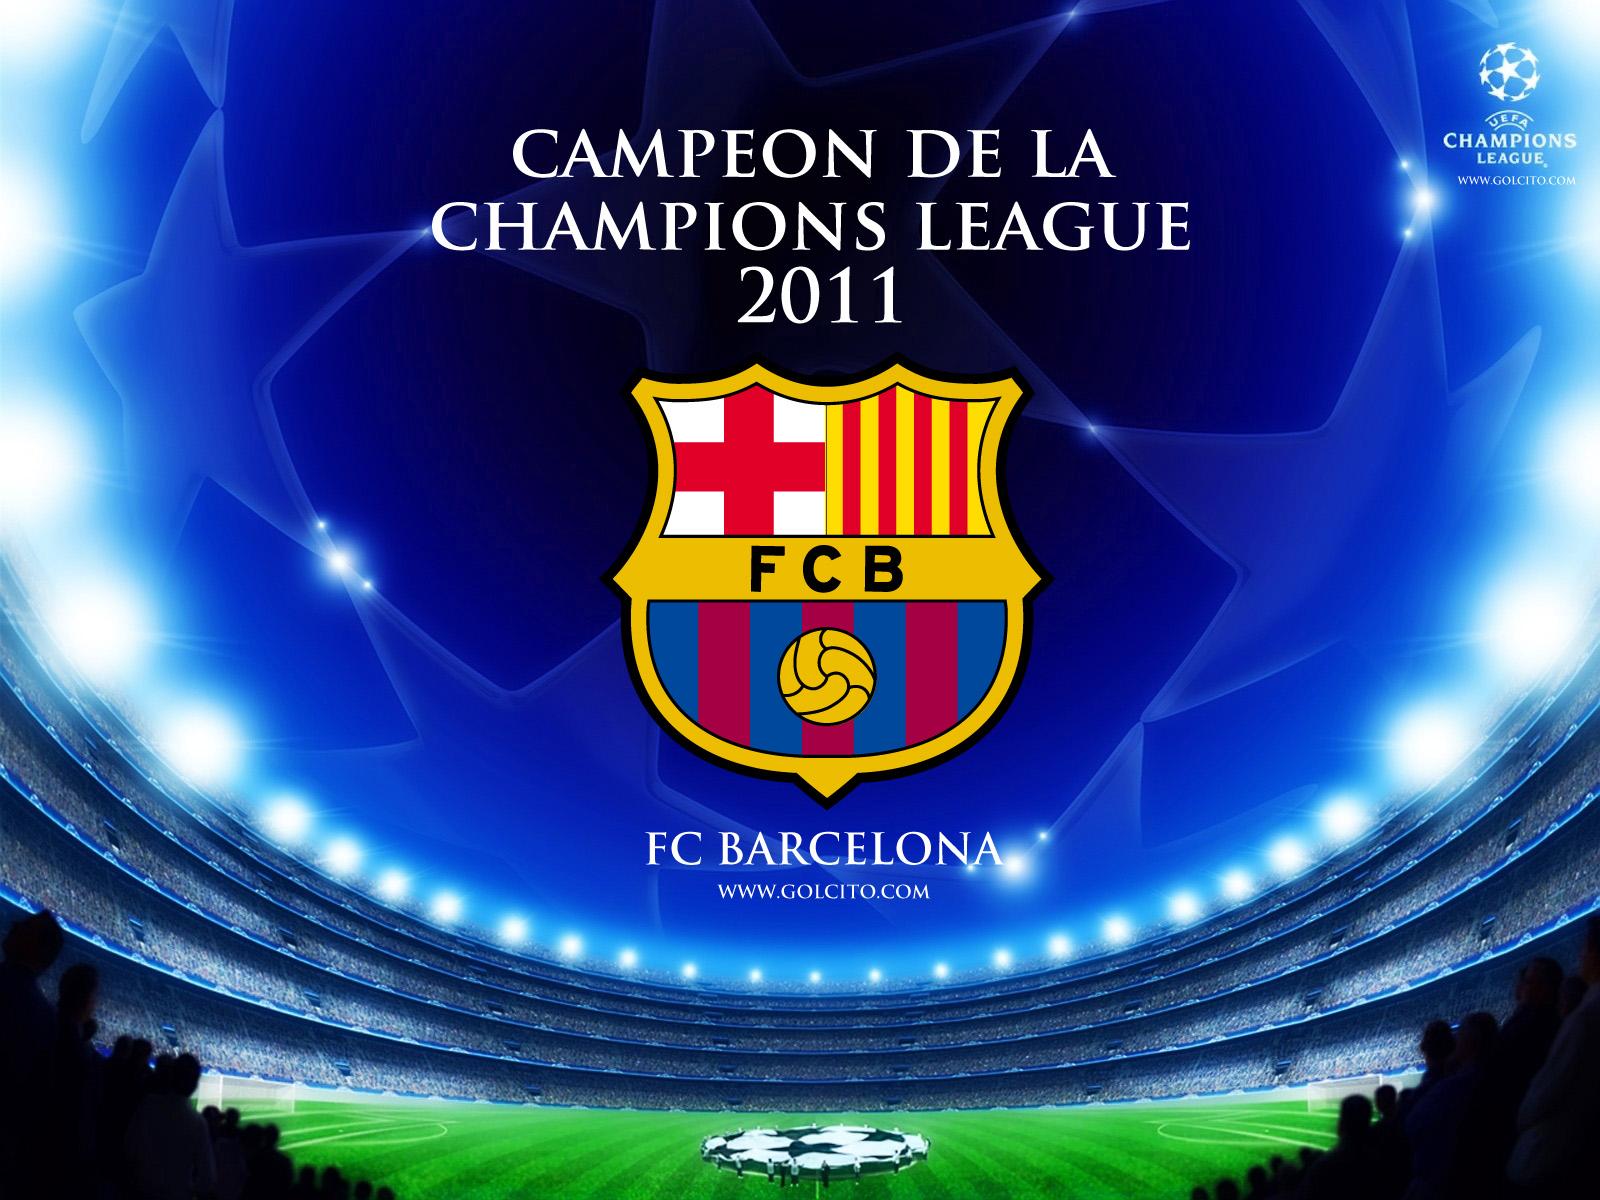 WALLPAPERS DEL CAMPEON DE LA CHAMPIONS LEAGUE 2011   FC BARCELONA 1600x1200